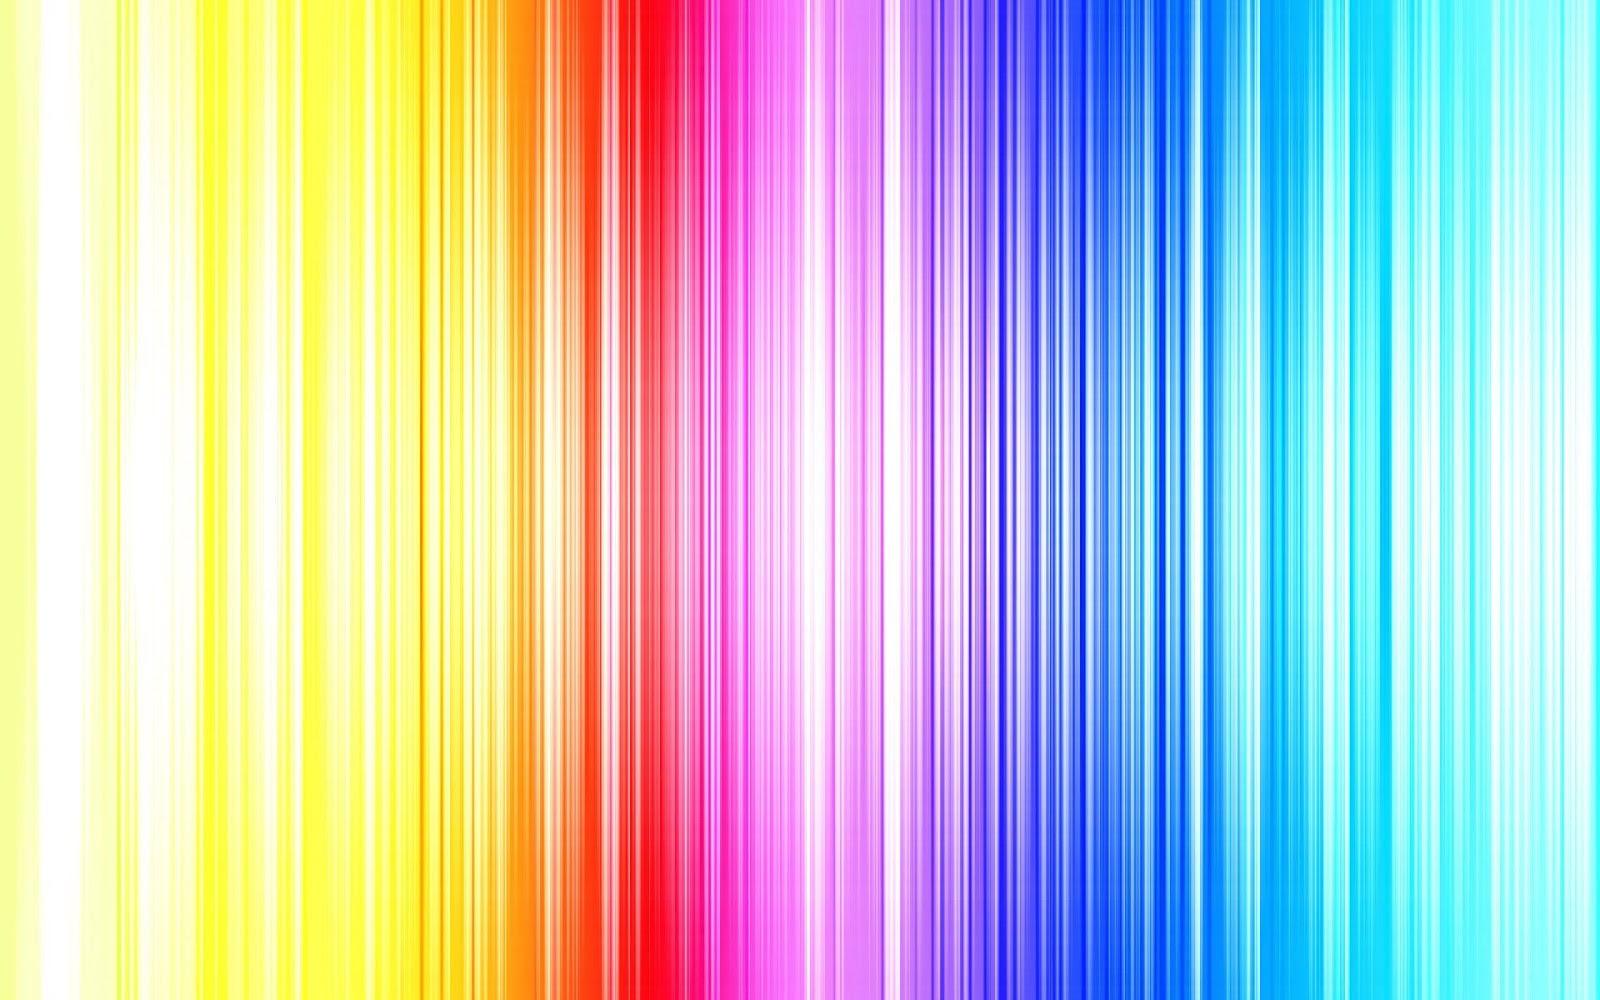 صورة خلفيات ملونه , خلفيات بالوان مبهجة